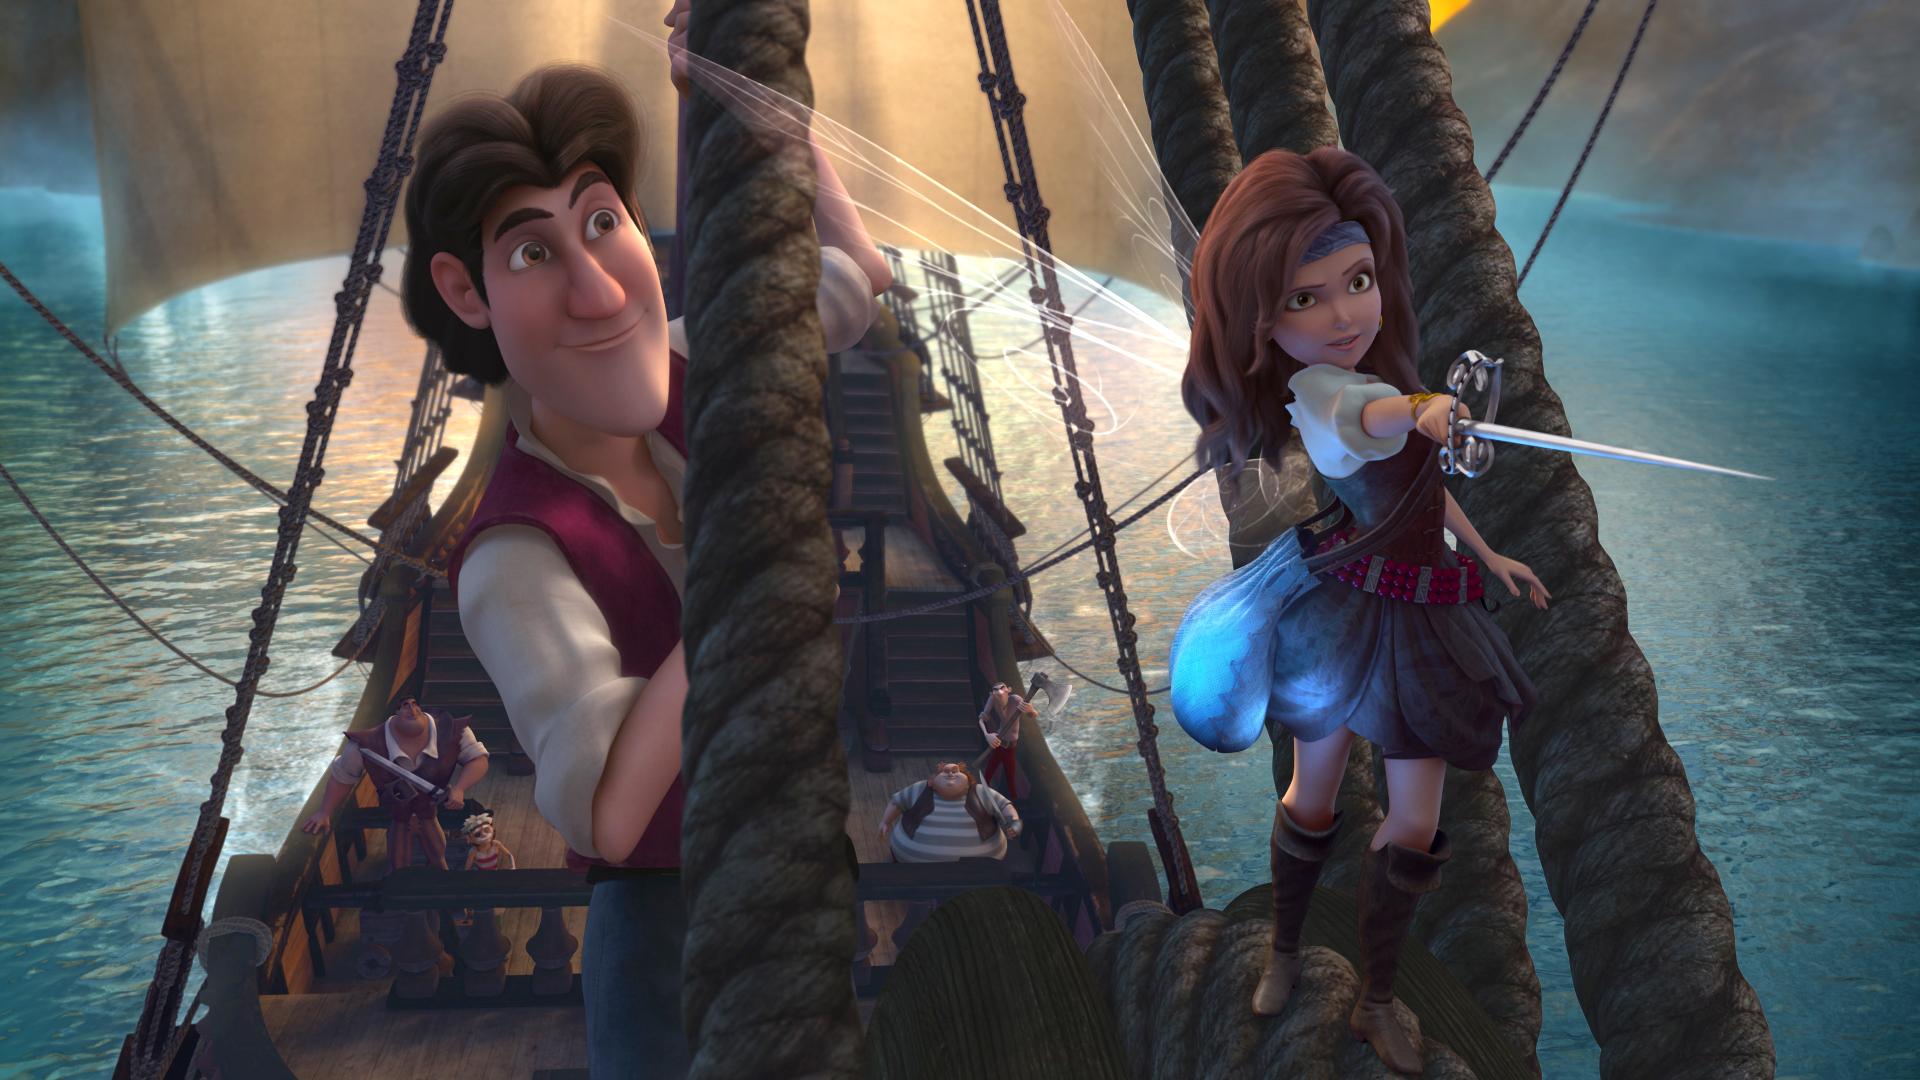 которые картинки с феями пиратского острова характеристики баллонов